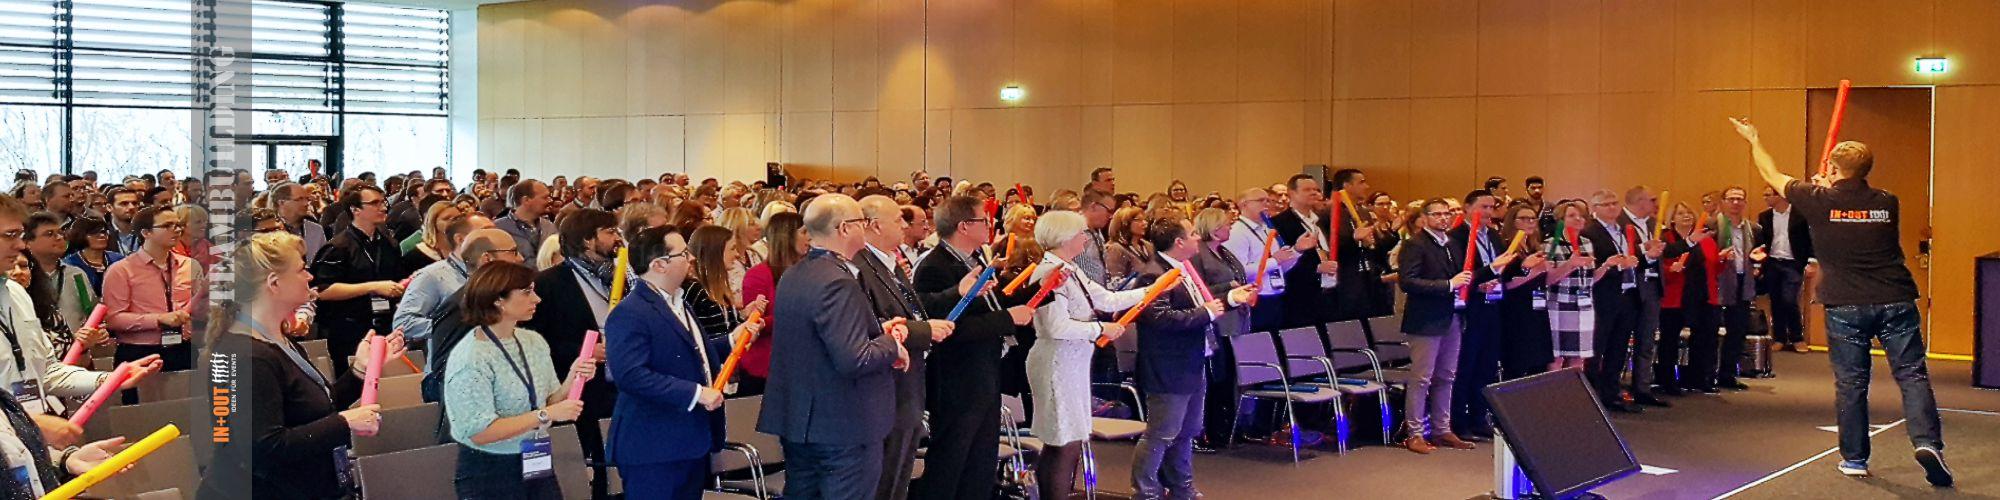 Ideen für Team Events - Bommwhacker Incentive - Lufthansa 550 Teilnehmer - Saarbrücken